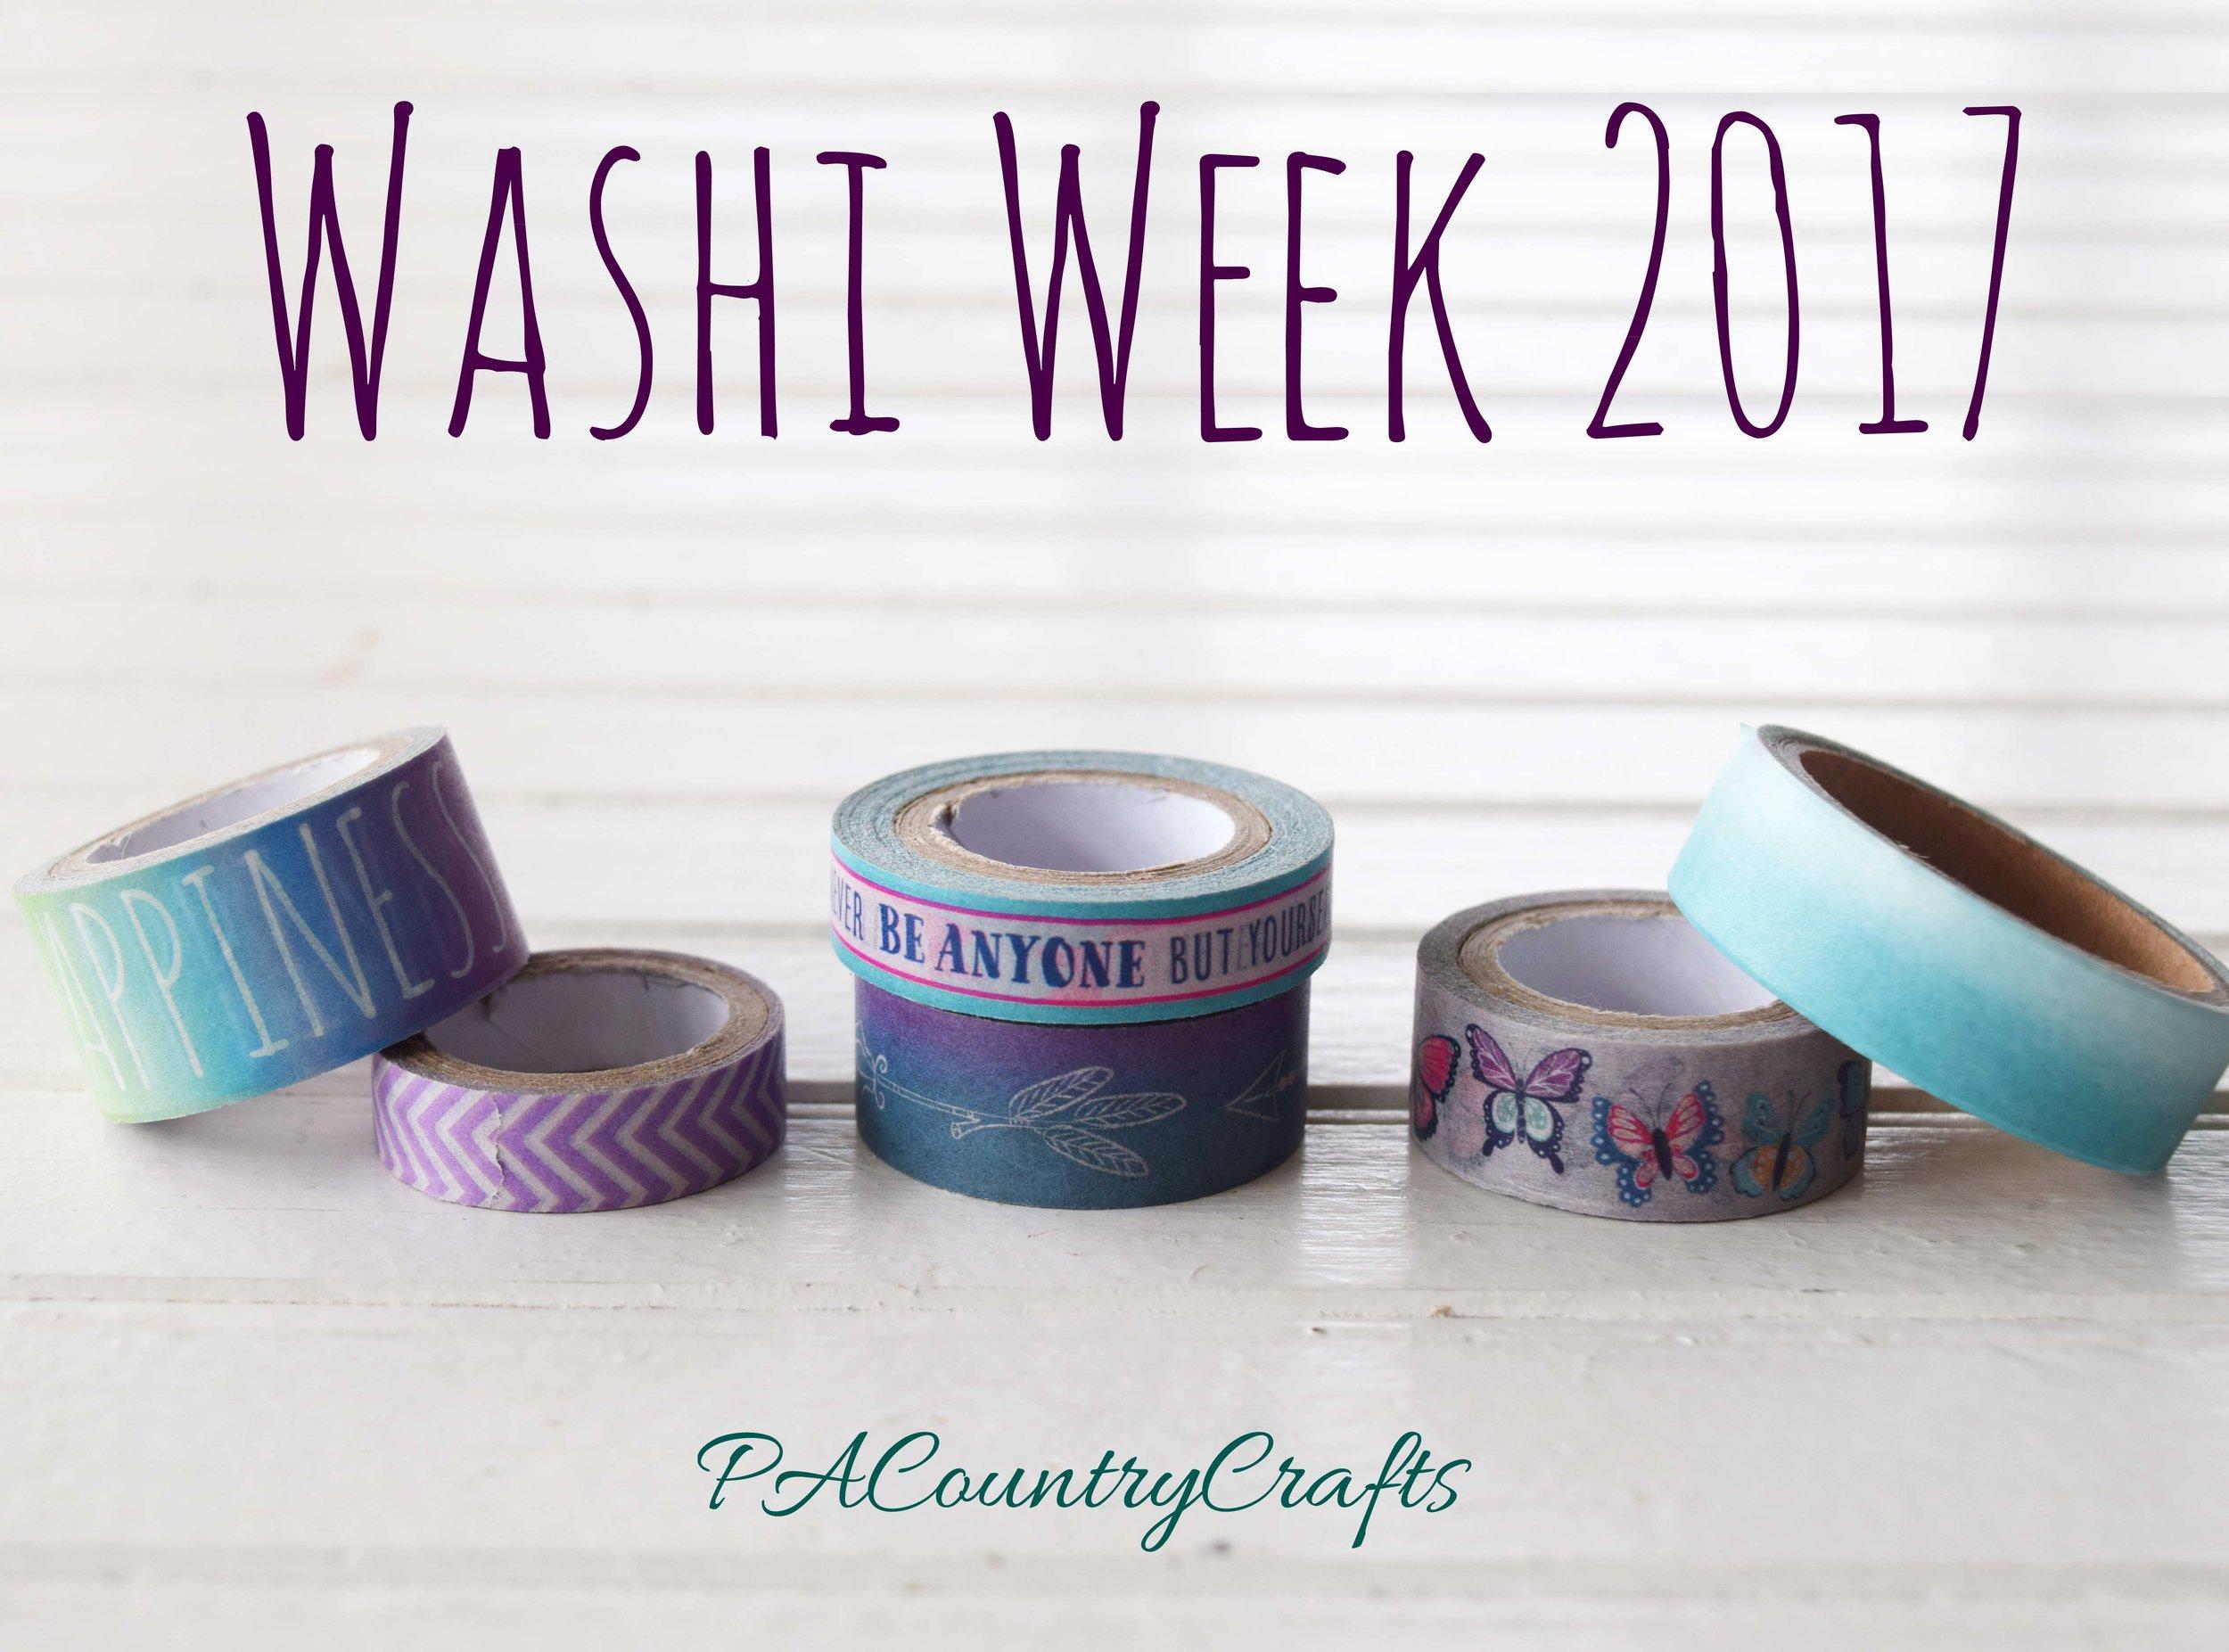 washi-week-2017.jpg